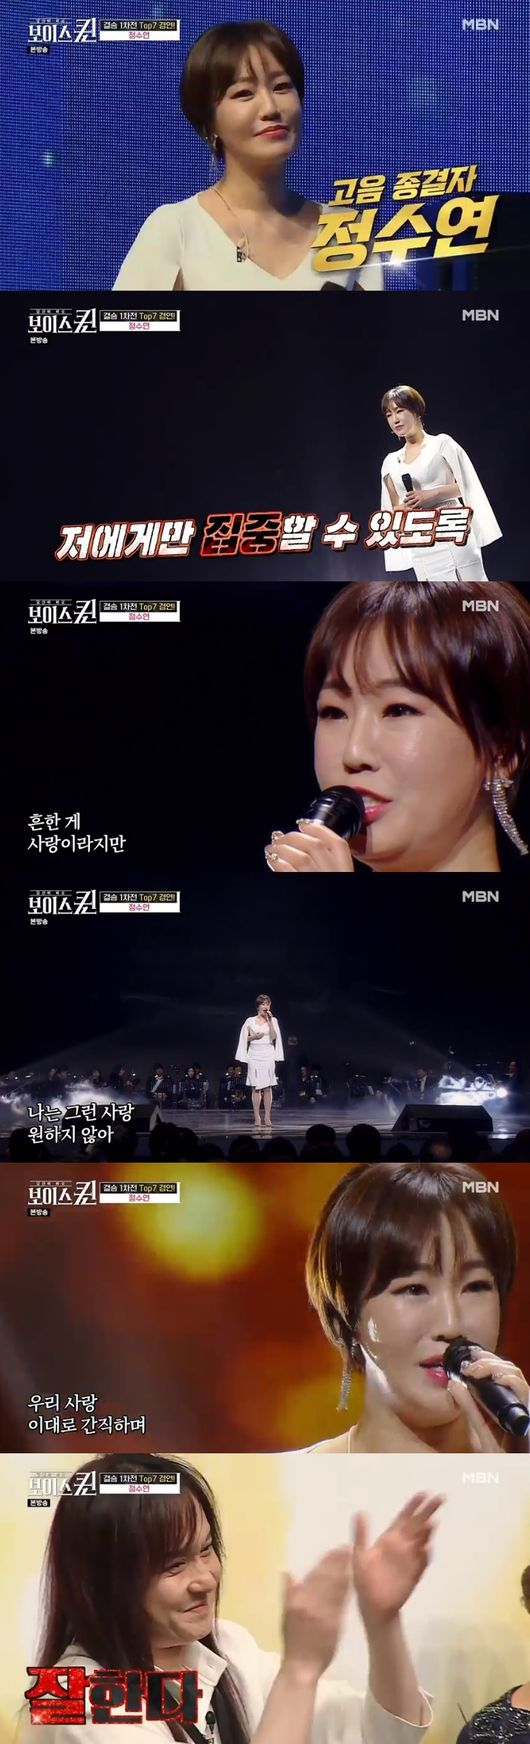 '보이스퀸' 제1대 보이스퀸 = '폭풍 성량퀸' 정수연 [어저께TV]